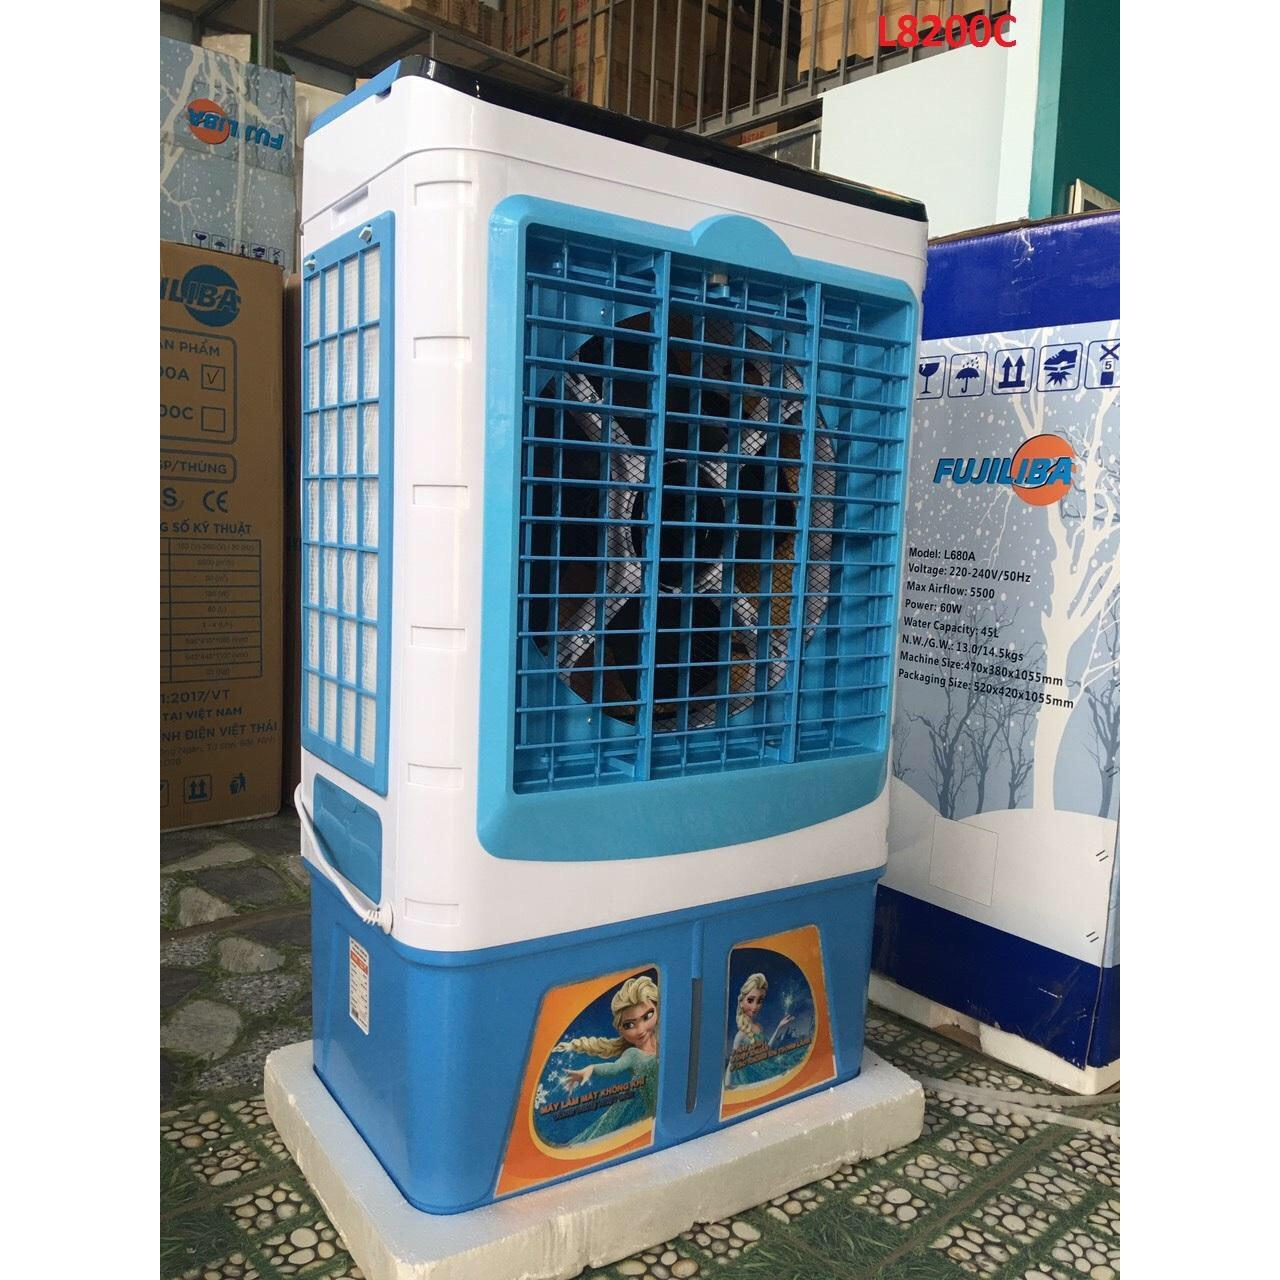 Máy làm mát không khí, quạt hơi nước Fujiliba - Hàng chính hãng